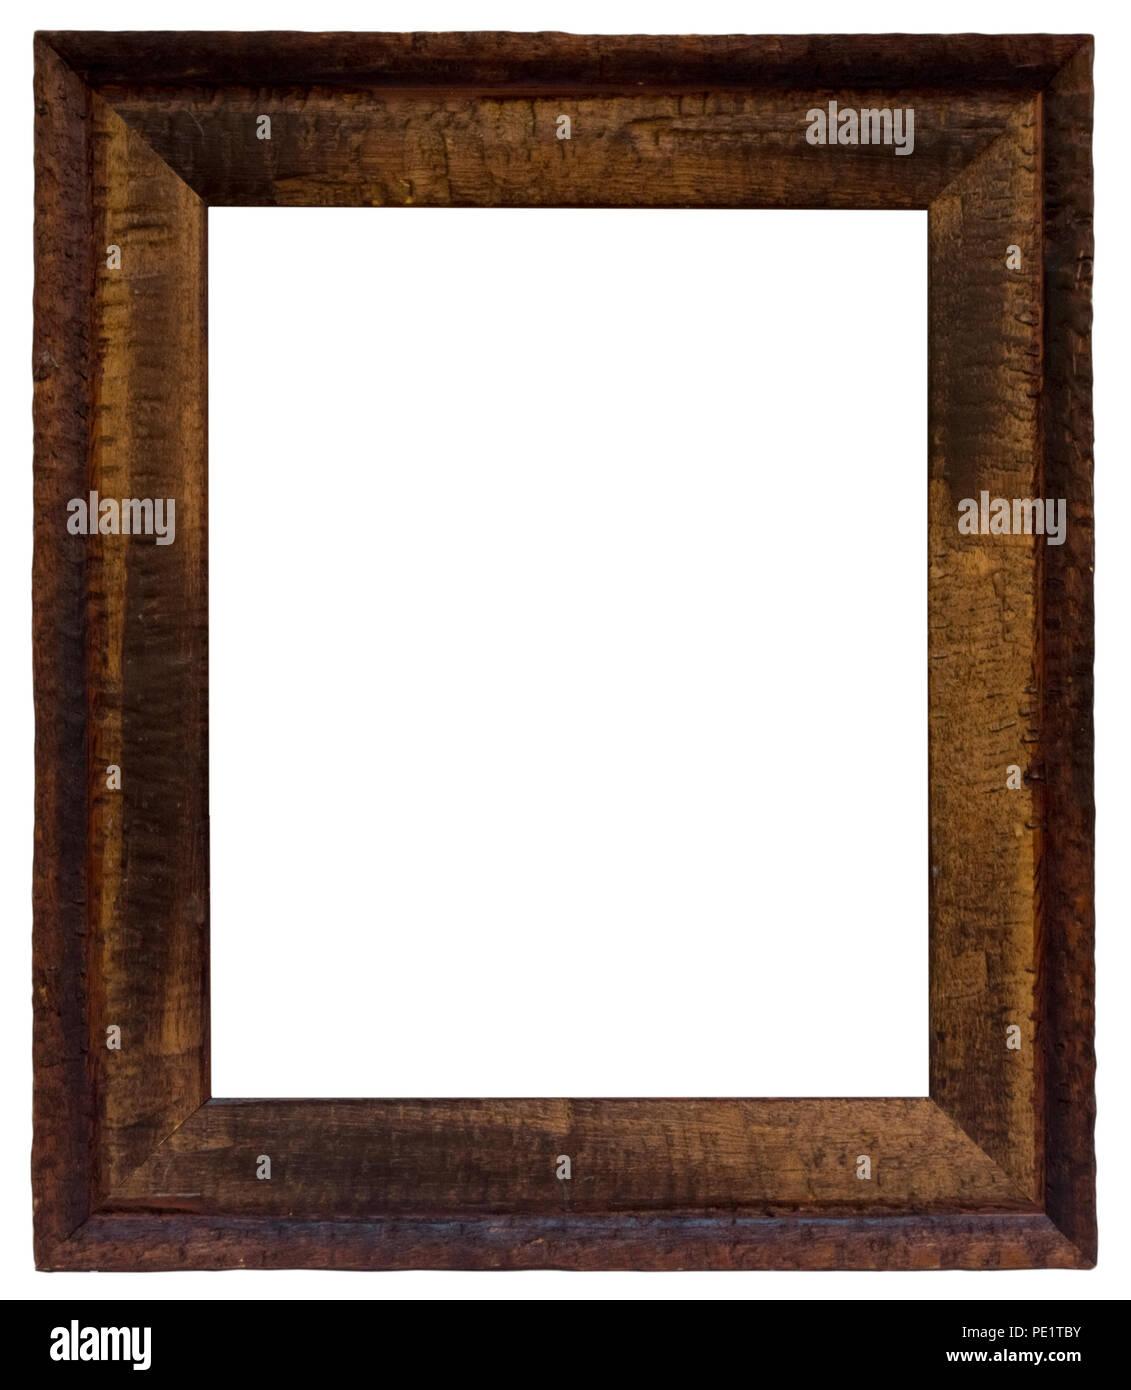 Unregelmäßiger Bilderrahmen aus Holzlatten in unterschiedlichen Farbtönen für Gutscheine, besondere Einrahmung...... Stock Photo